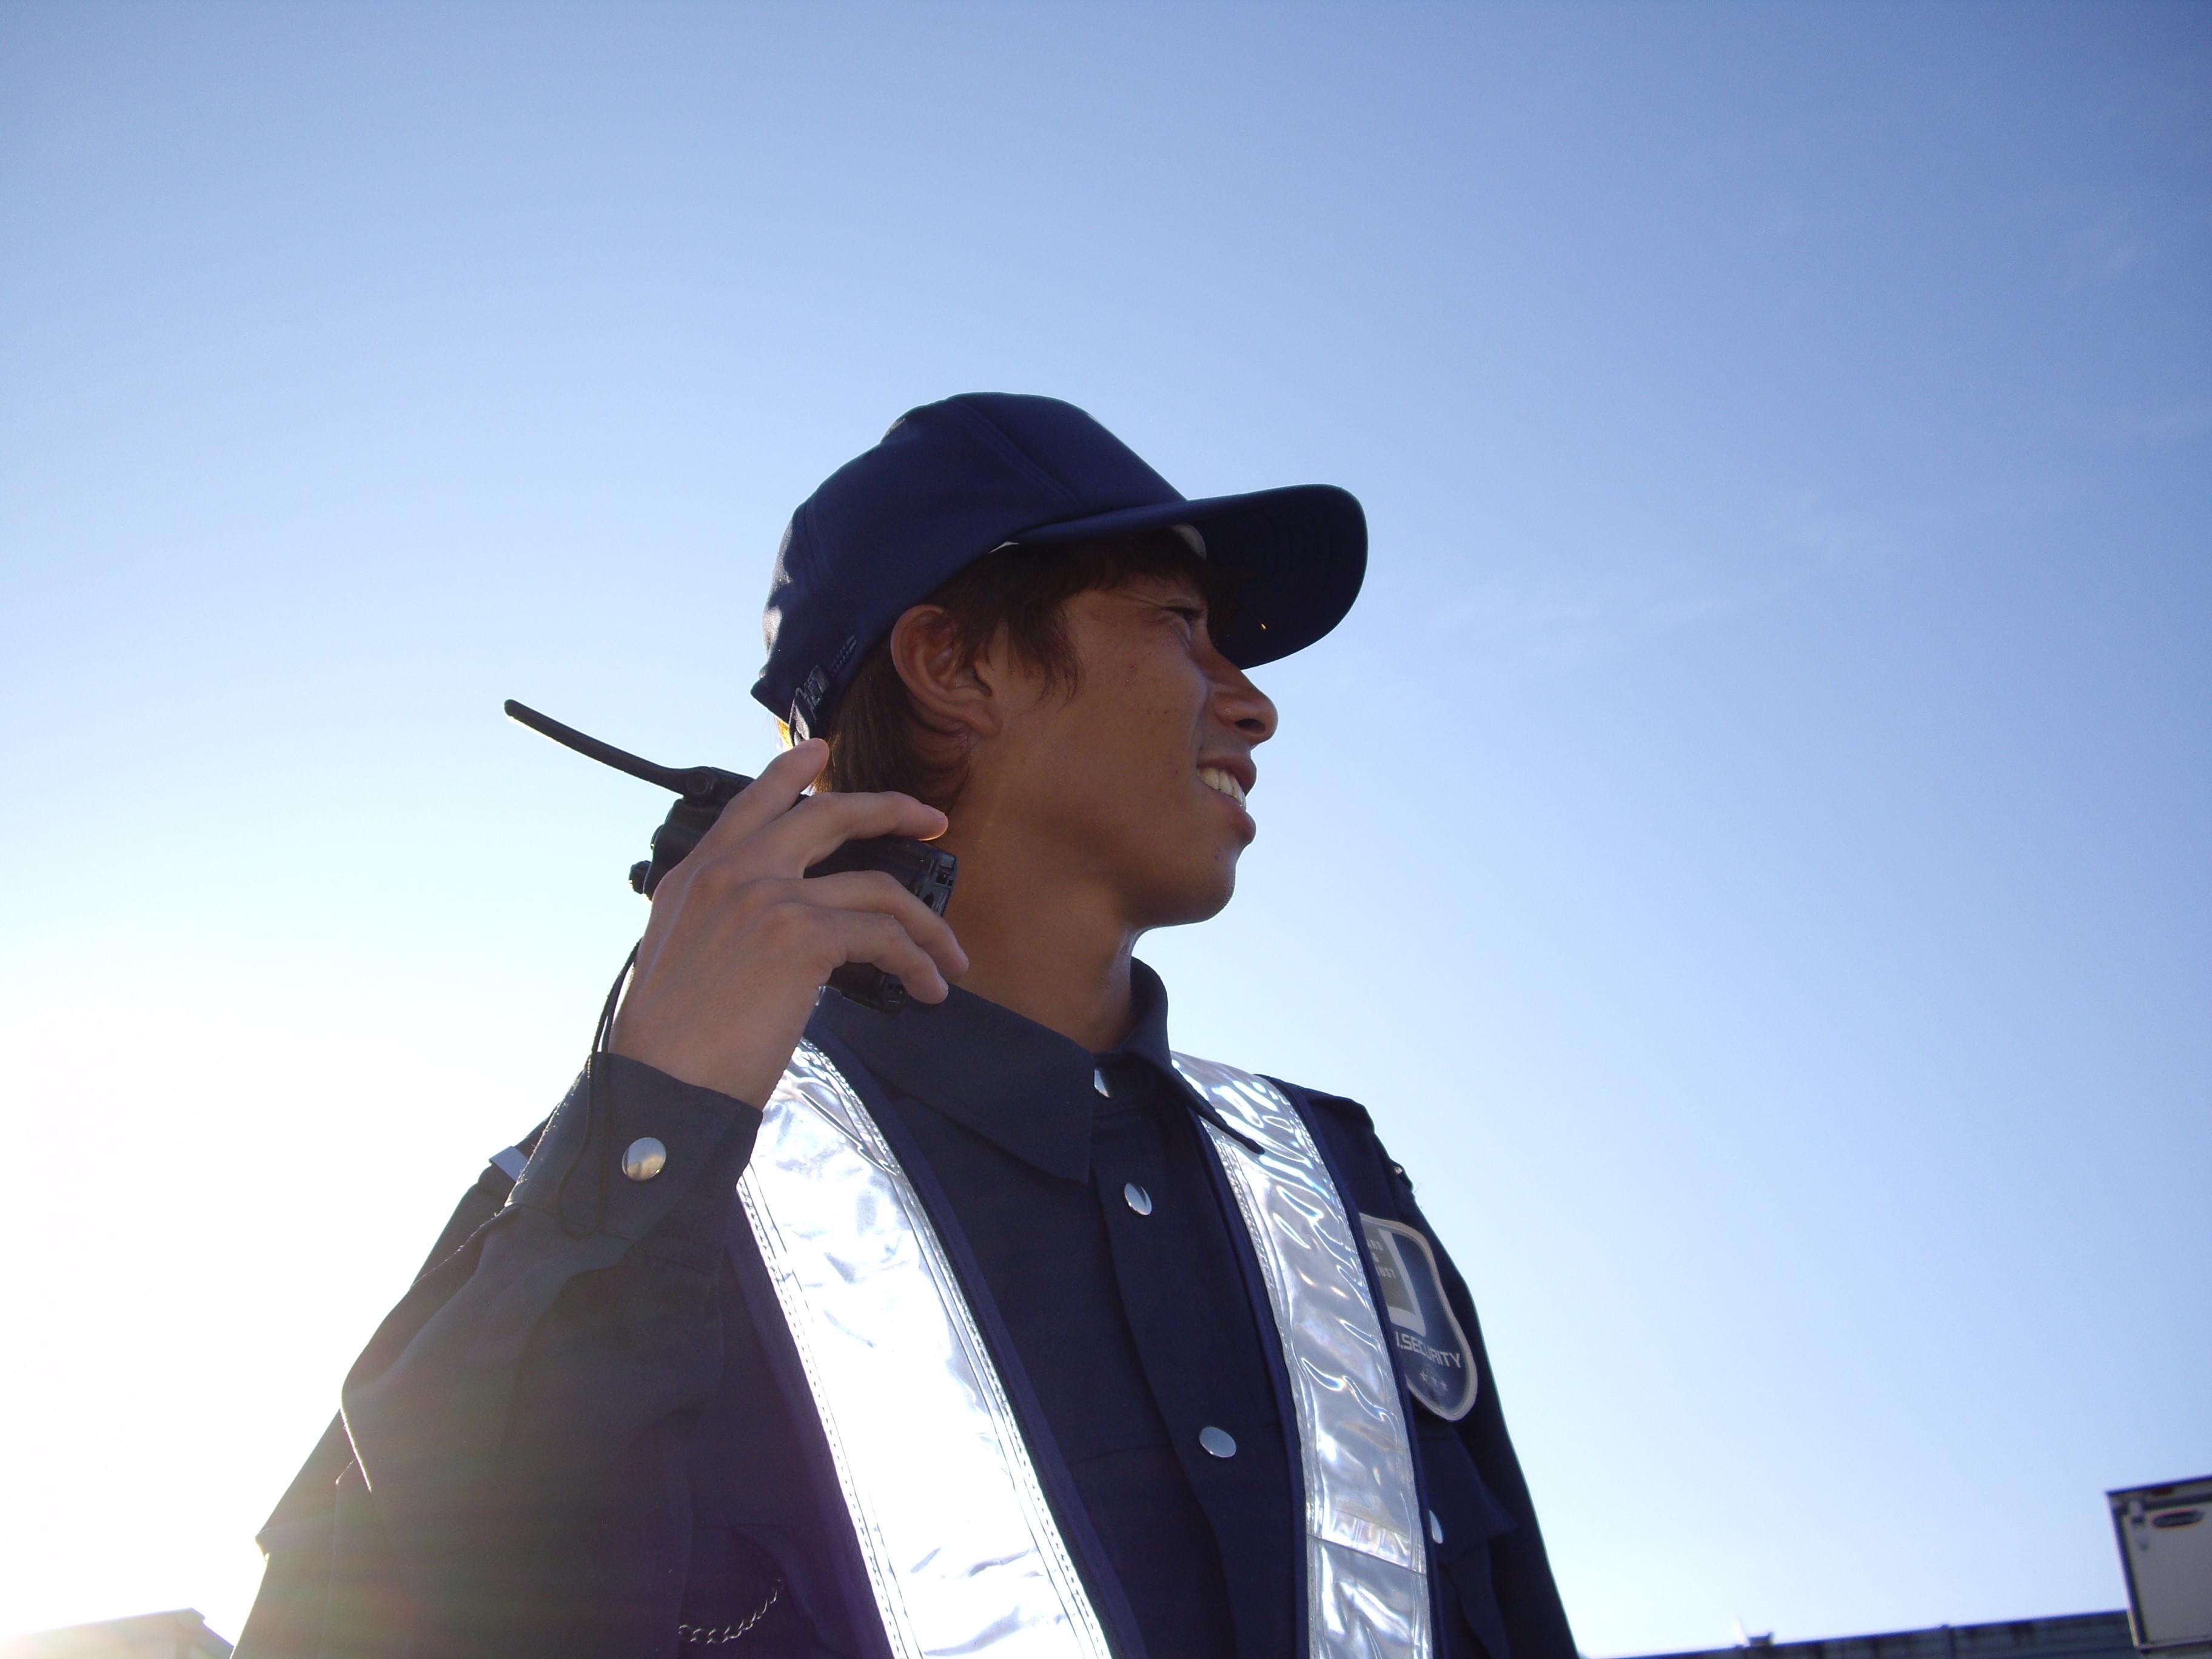 交通誘導スタッフ 新潟市秋葉区エリア 株式会社J.SECURITYのアルバイト情報